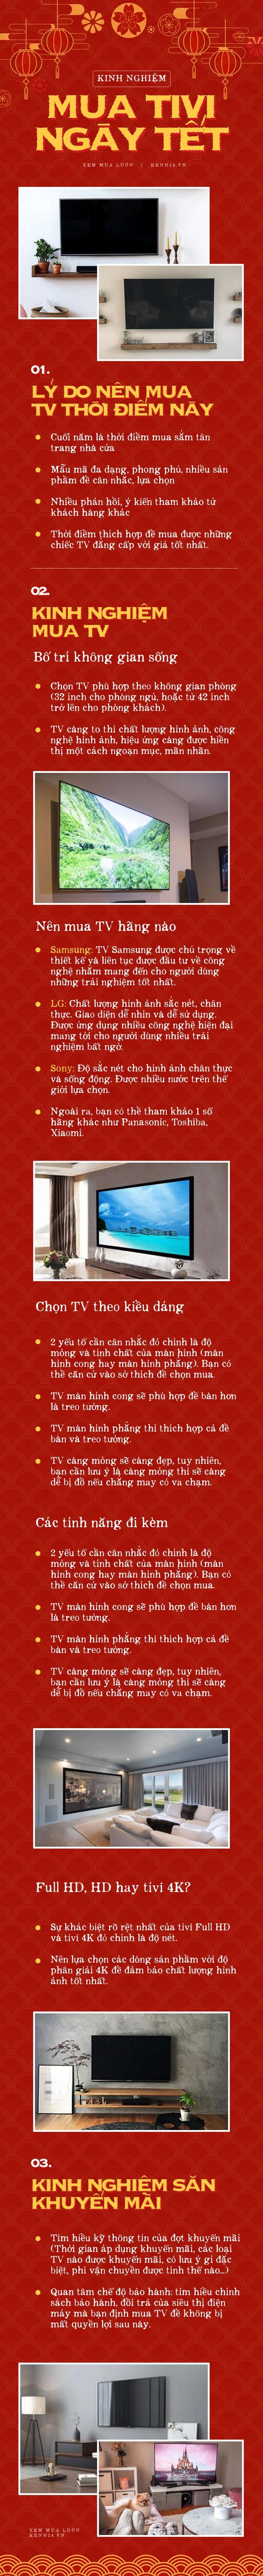 Góc chị em low-tech sắm Tết: Kinh nghiệm chọn mua TV xịn sò giá cả hợp lý giữa mùa sale - Ảnh 1.